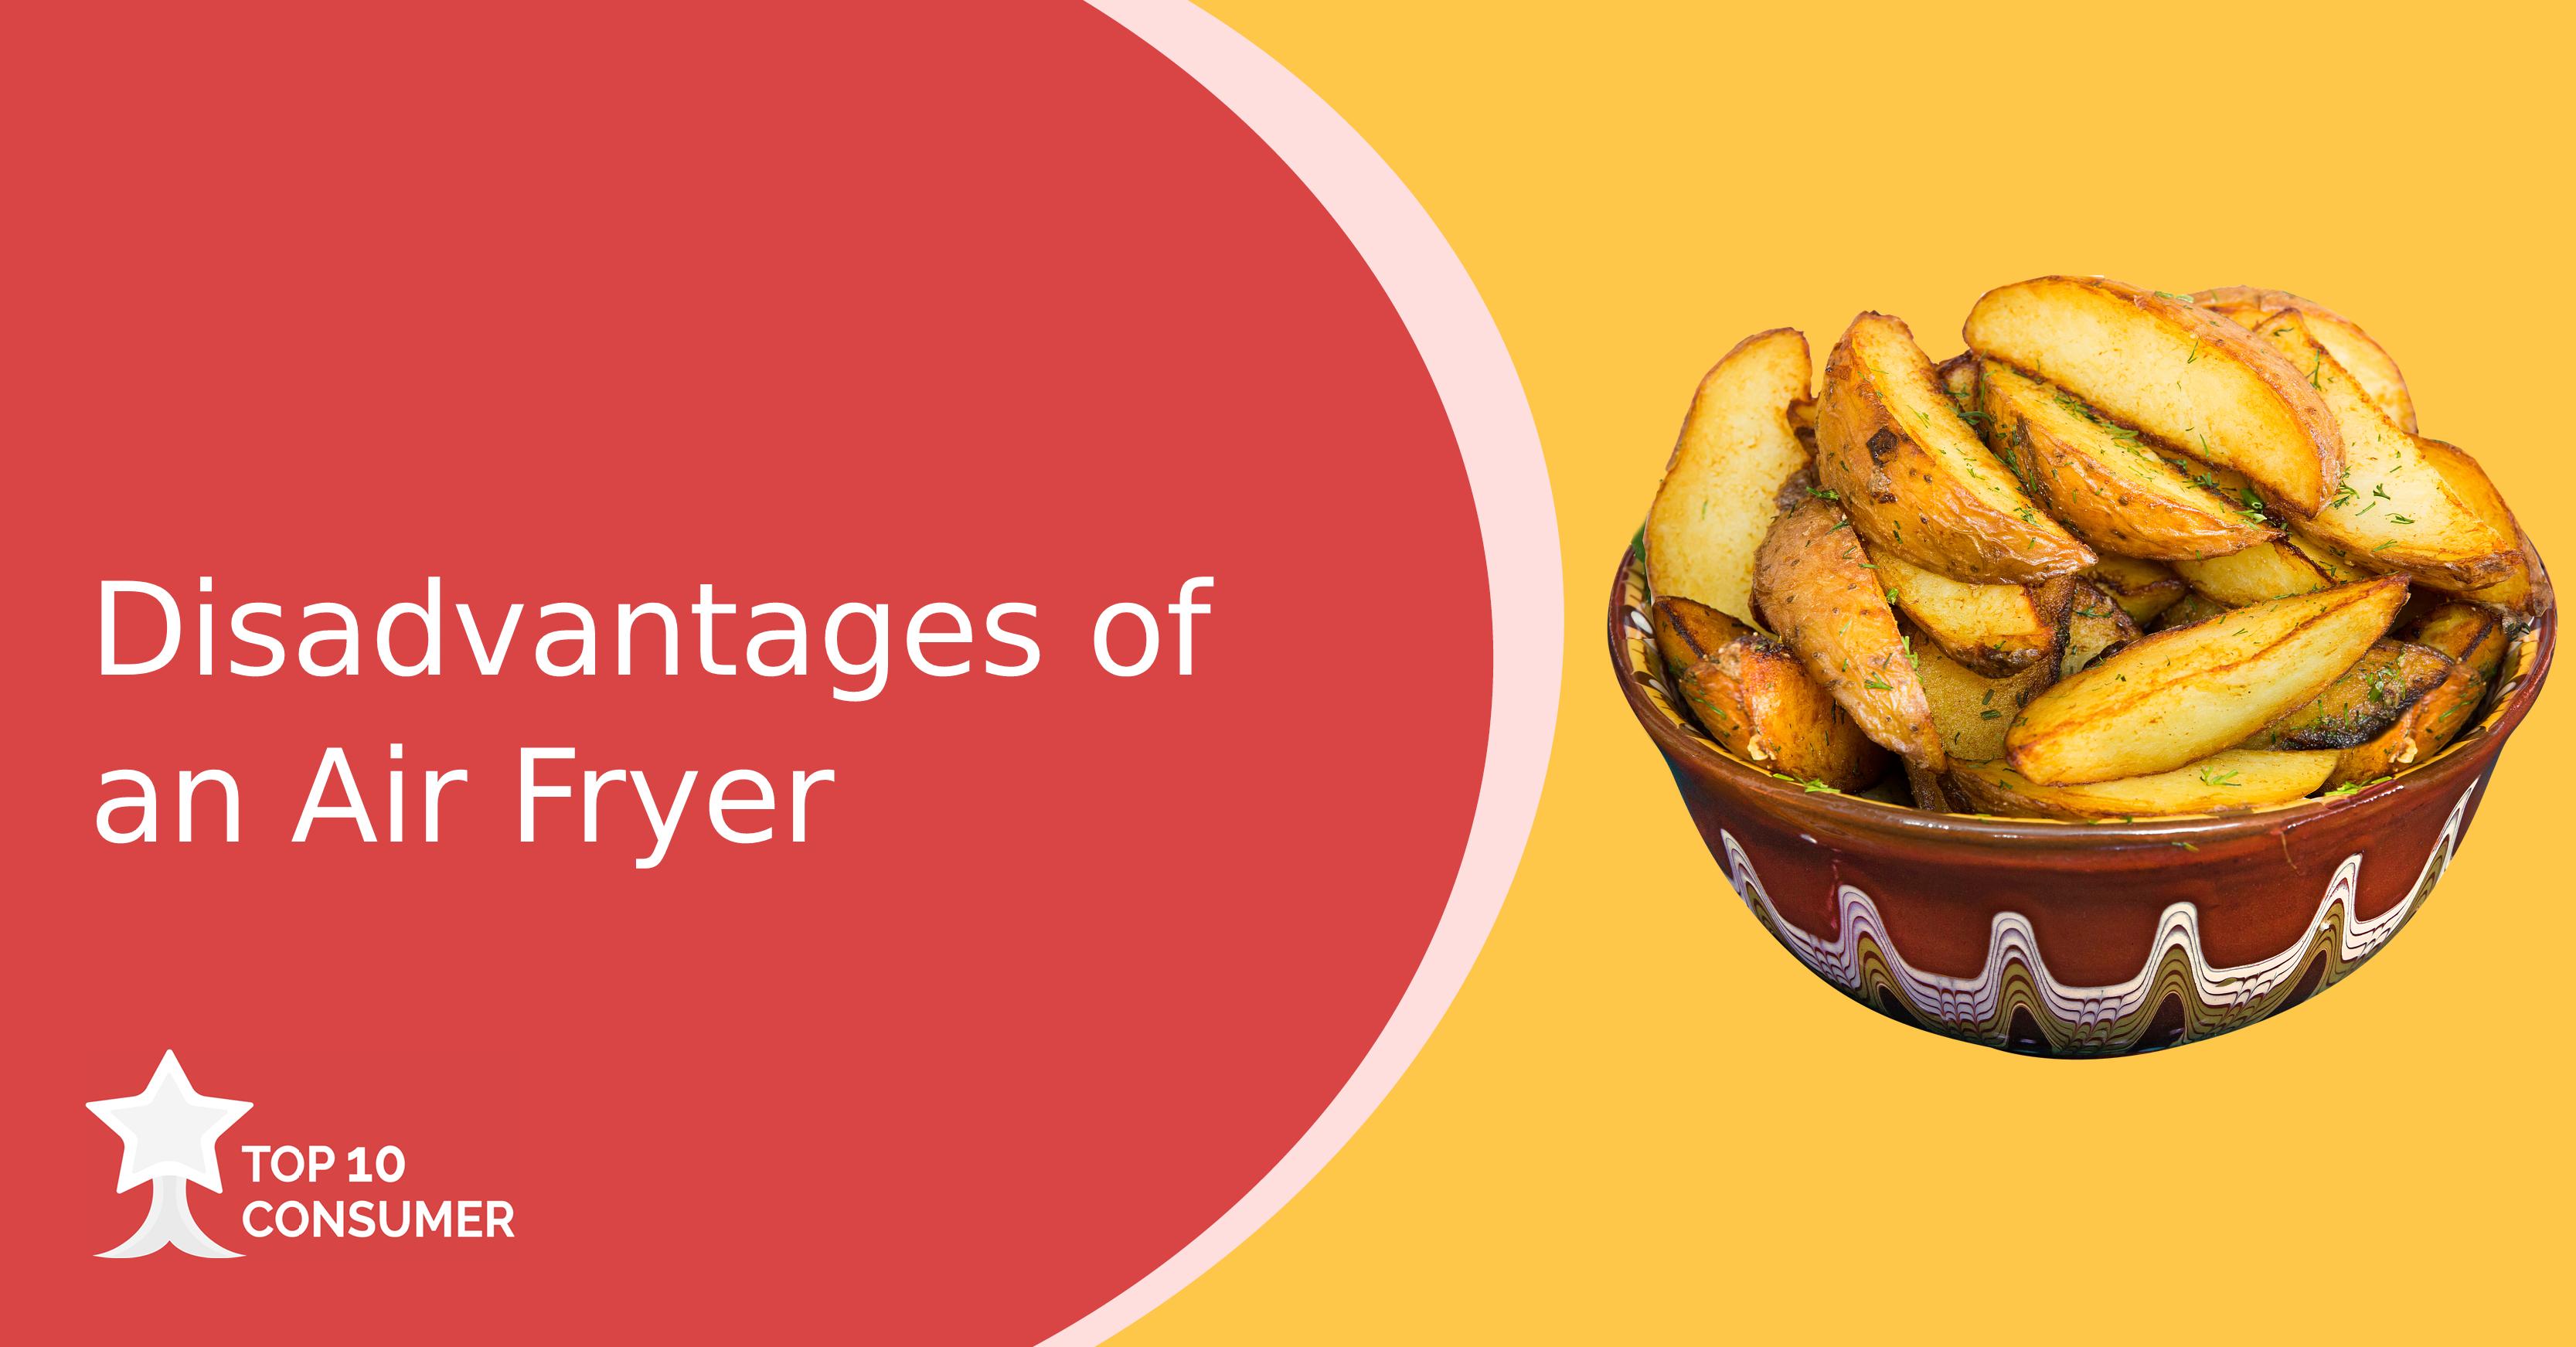 Disadvantages of an Air Fryer